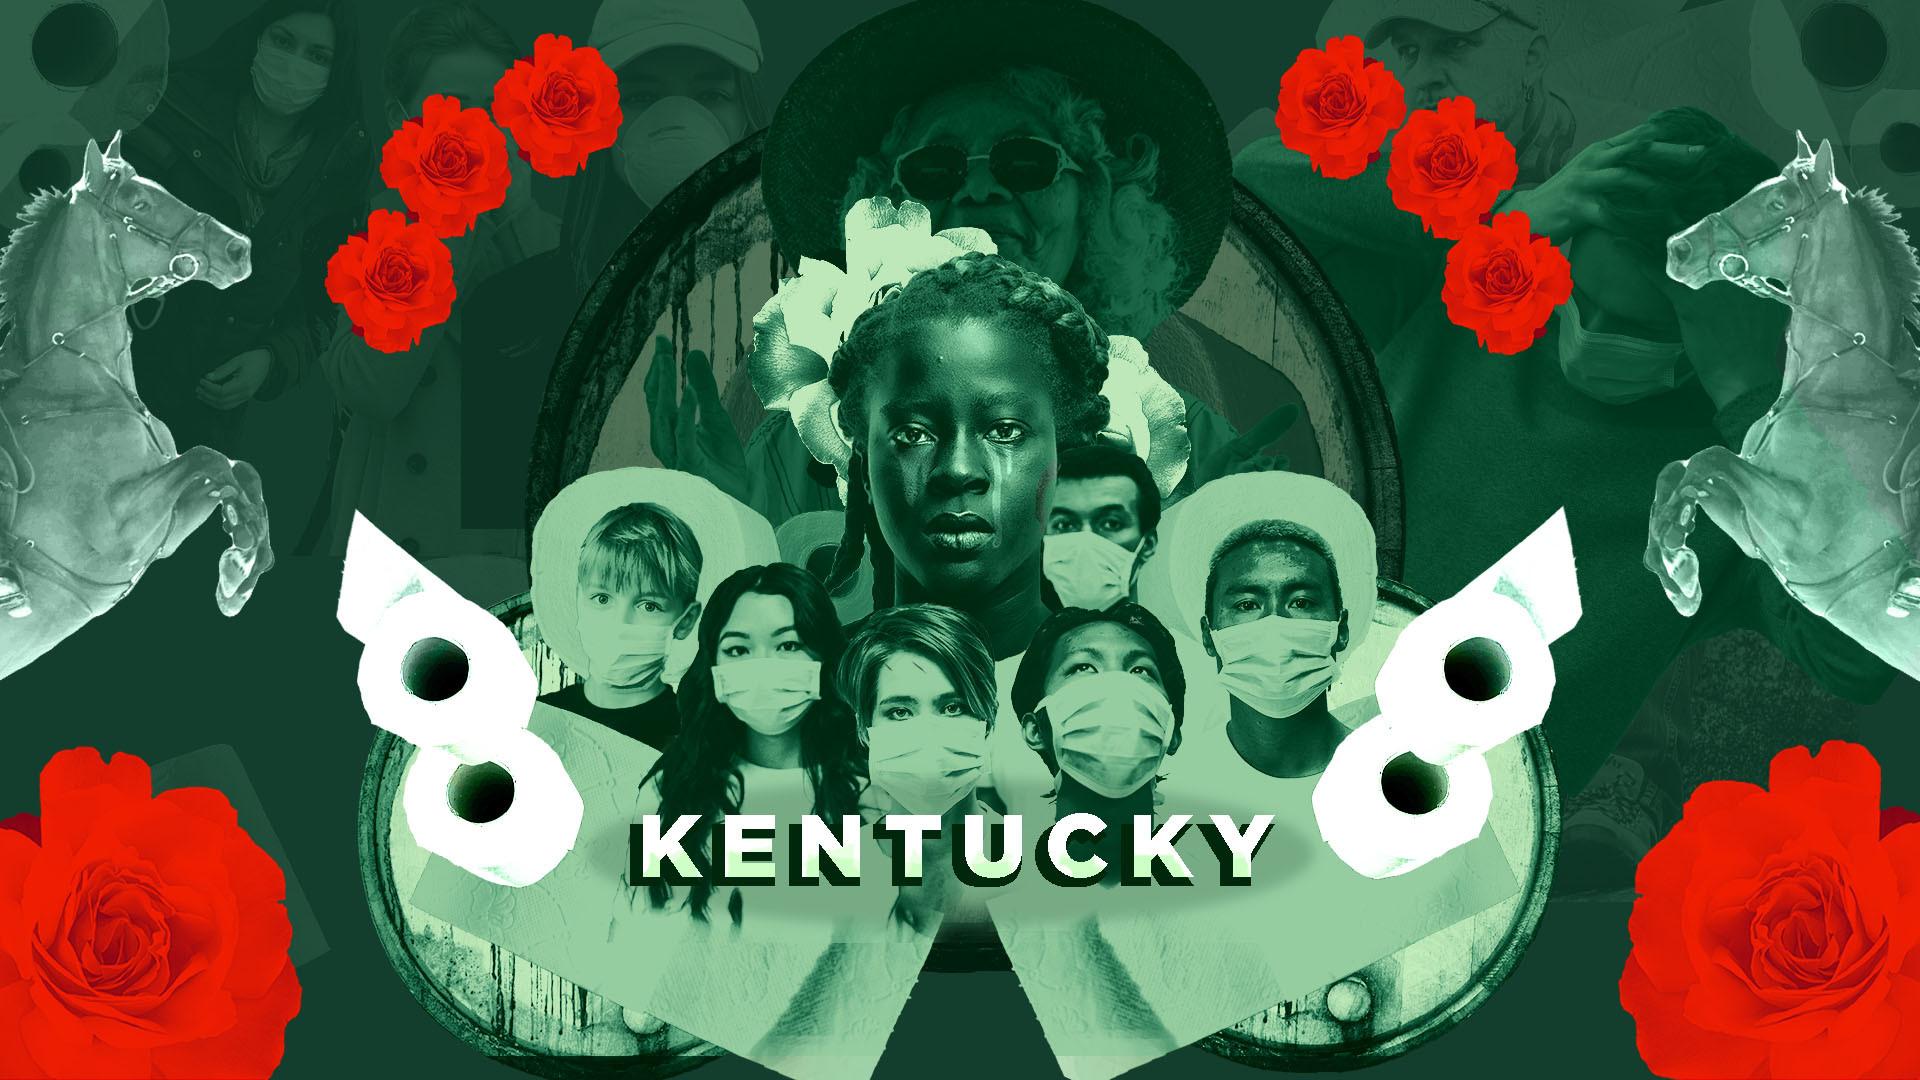 Kentuckians2.jpg